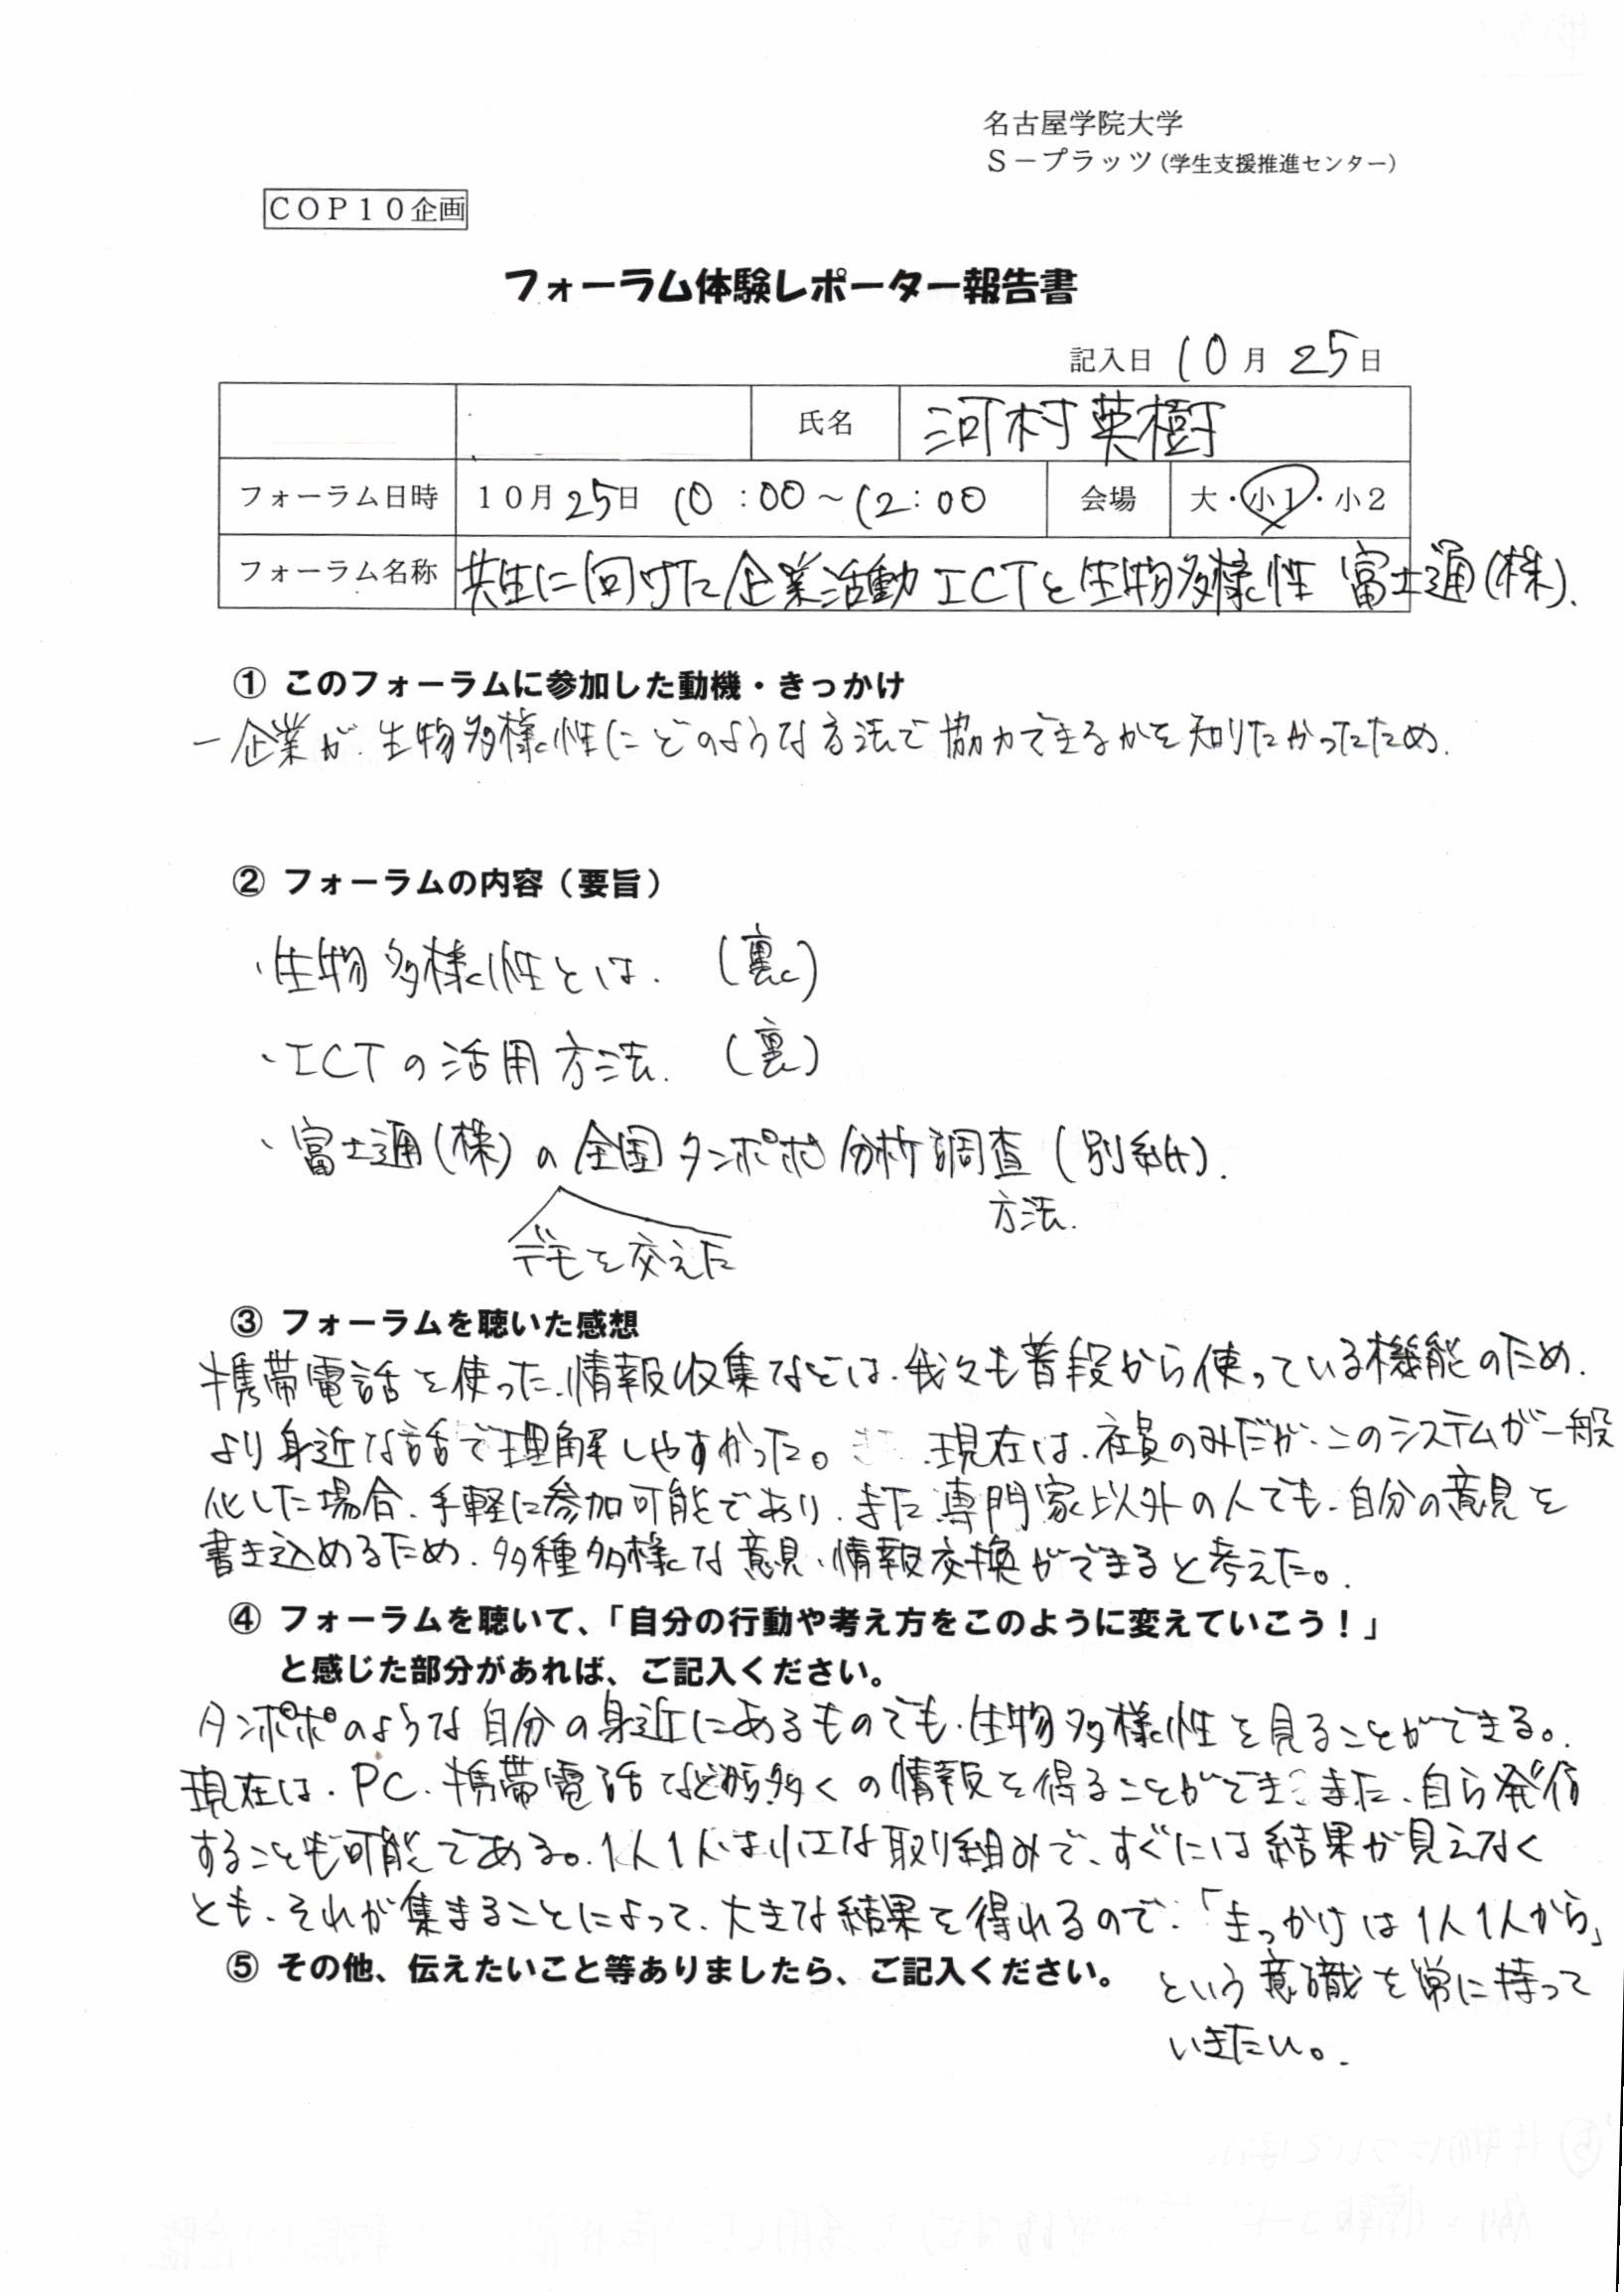 フォーラム体験レポーター報告河村2